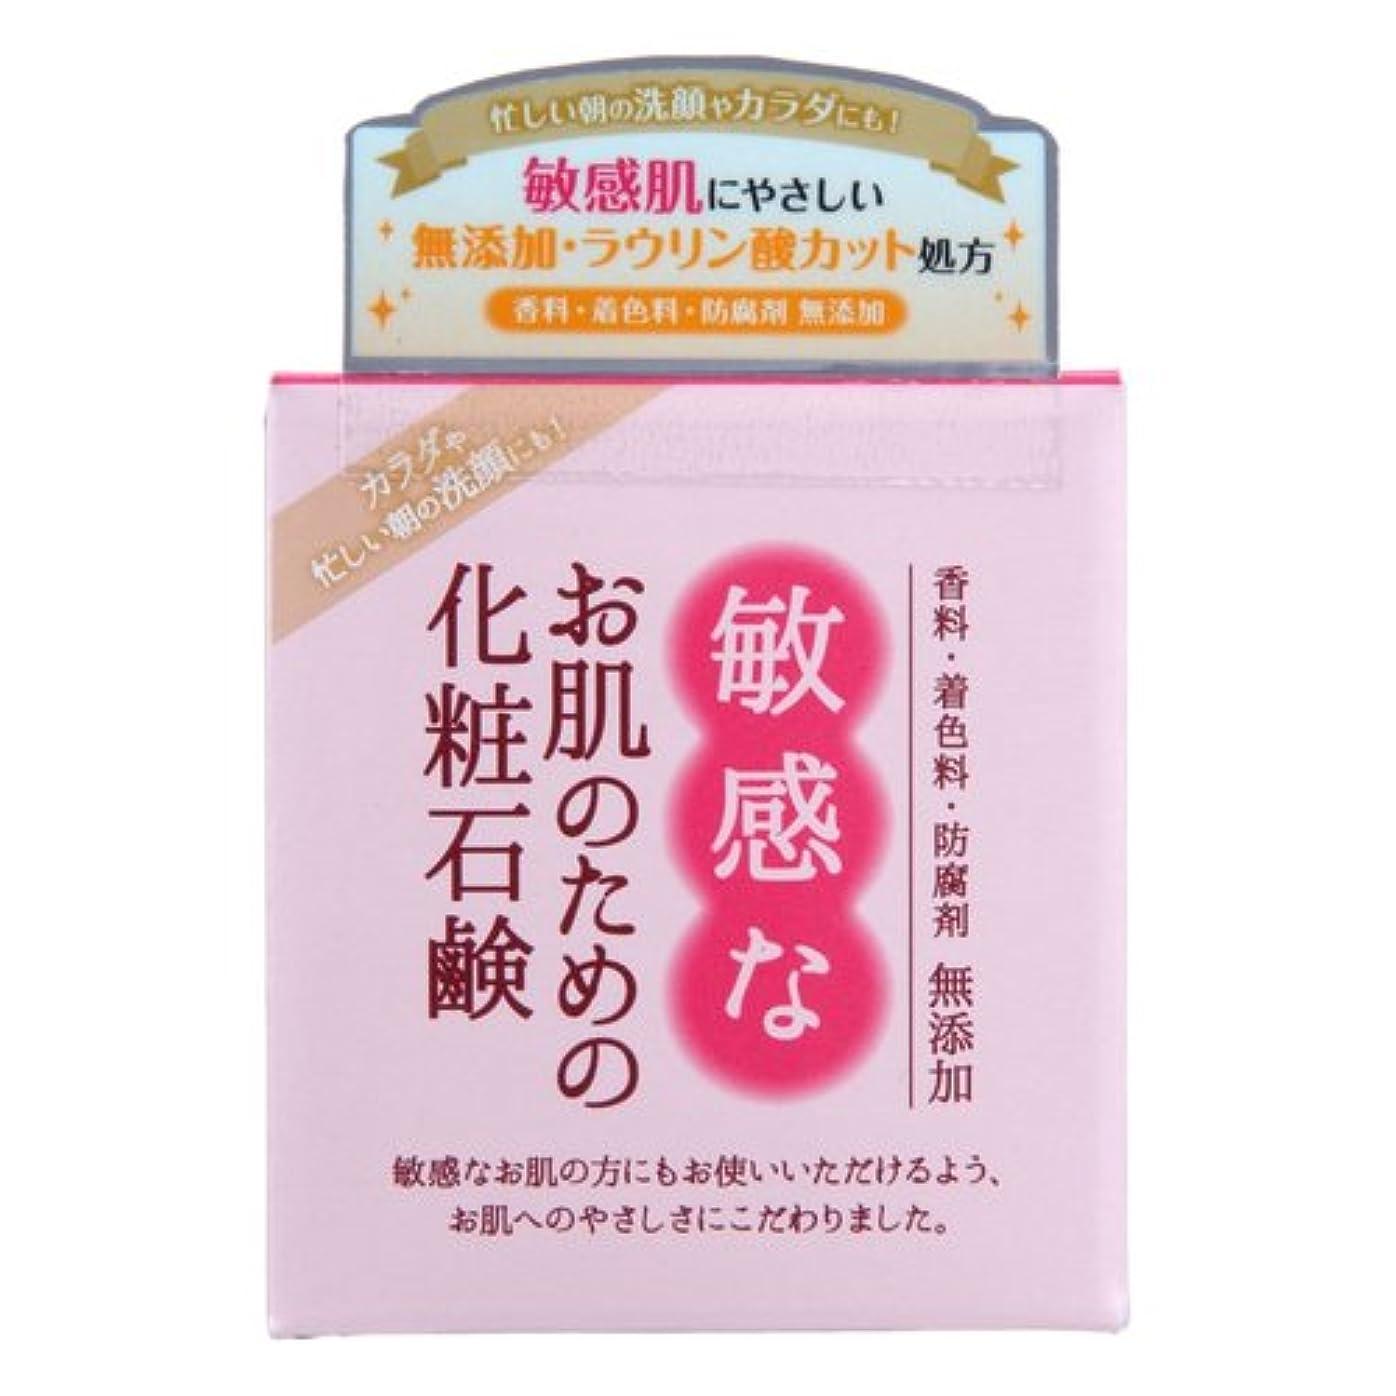 汚す八百屋さん対処する敏感なお肌のための化粧石鹸 100g CBH-S